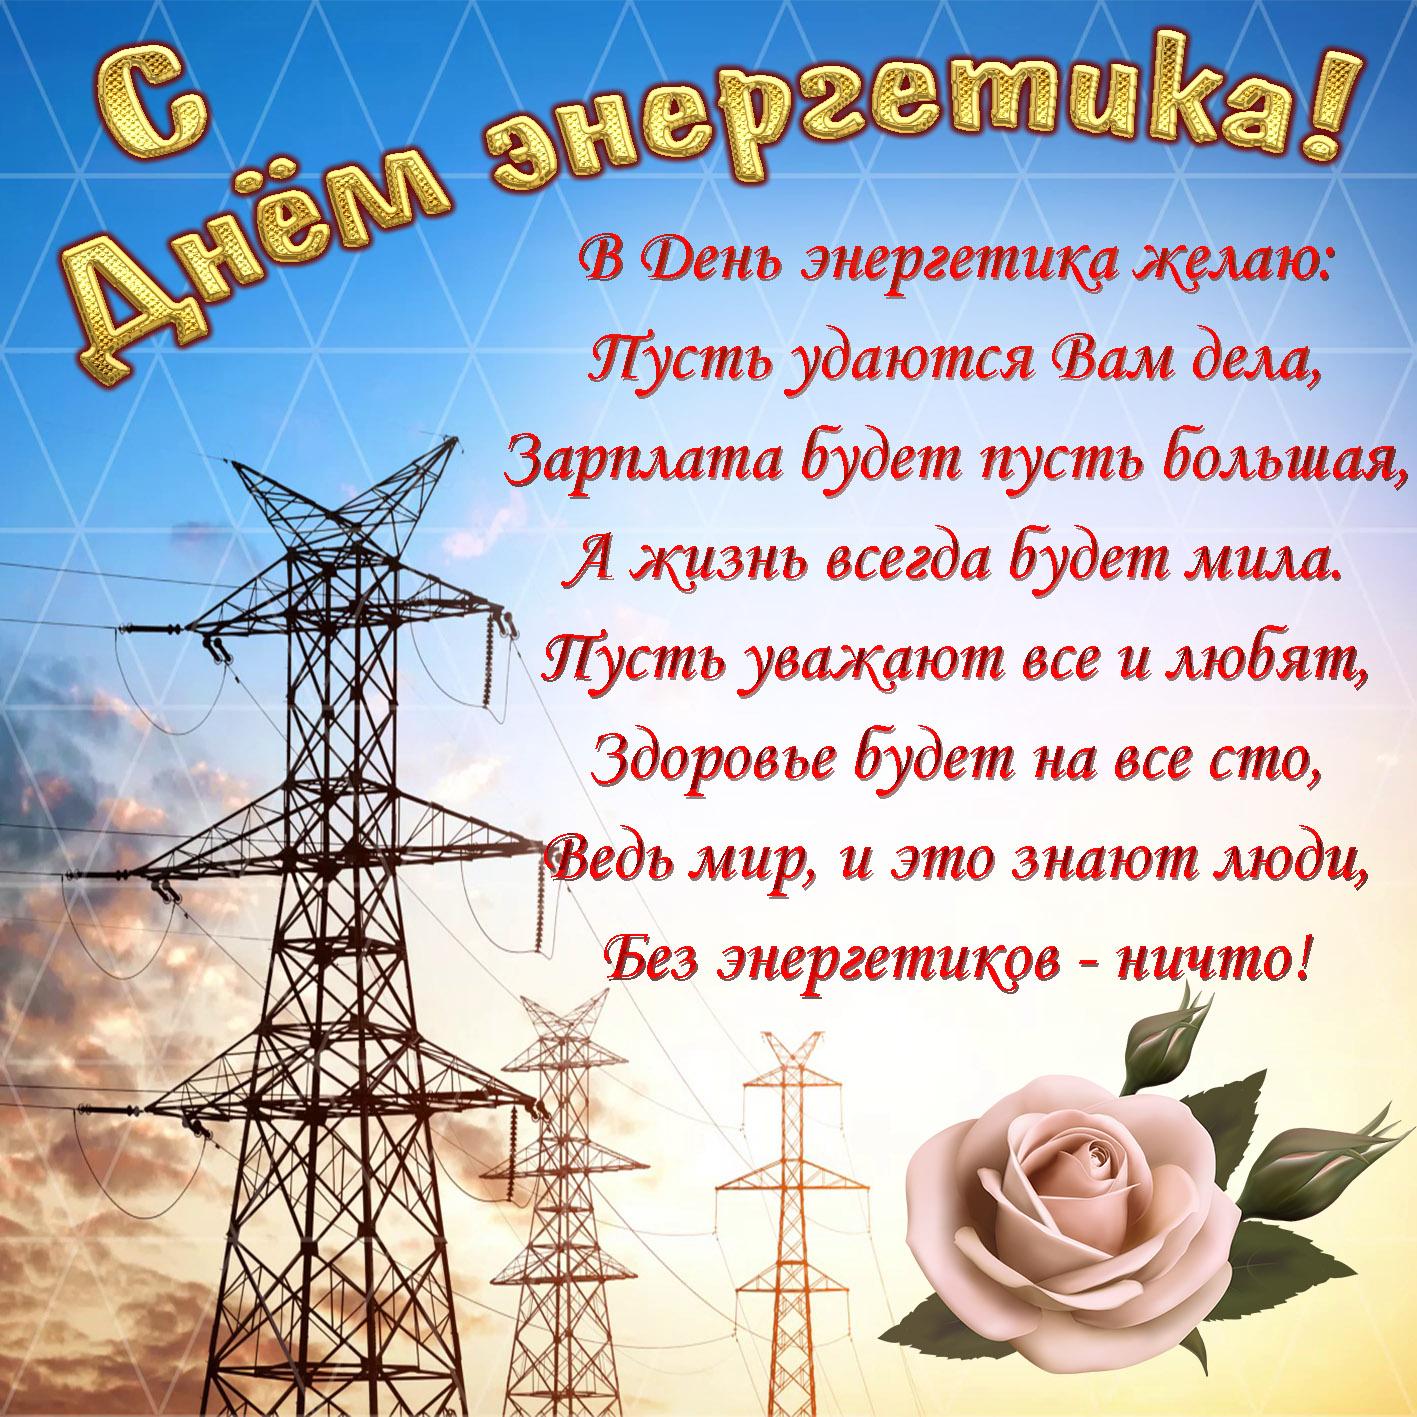 поздравление с днем энергетика коллегам прикольные открытки то, что это